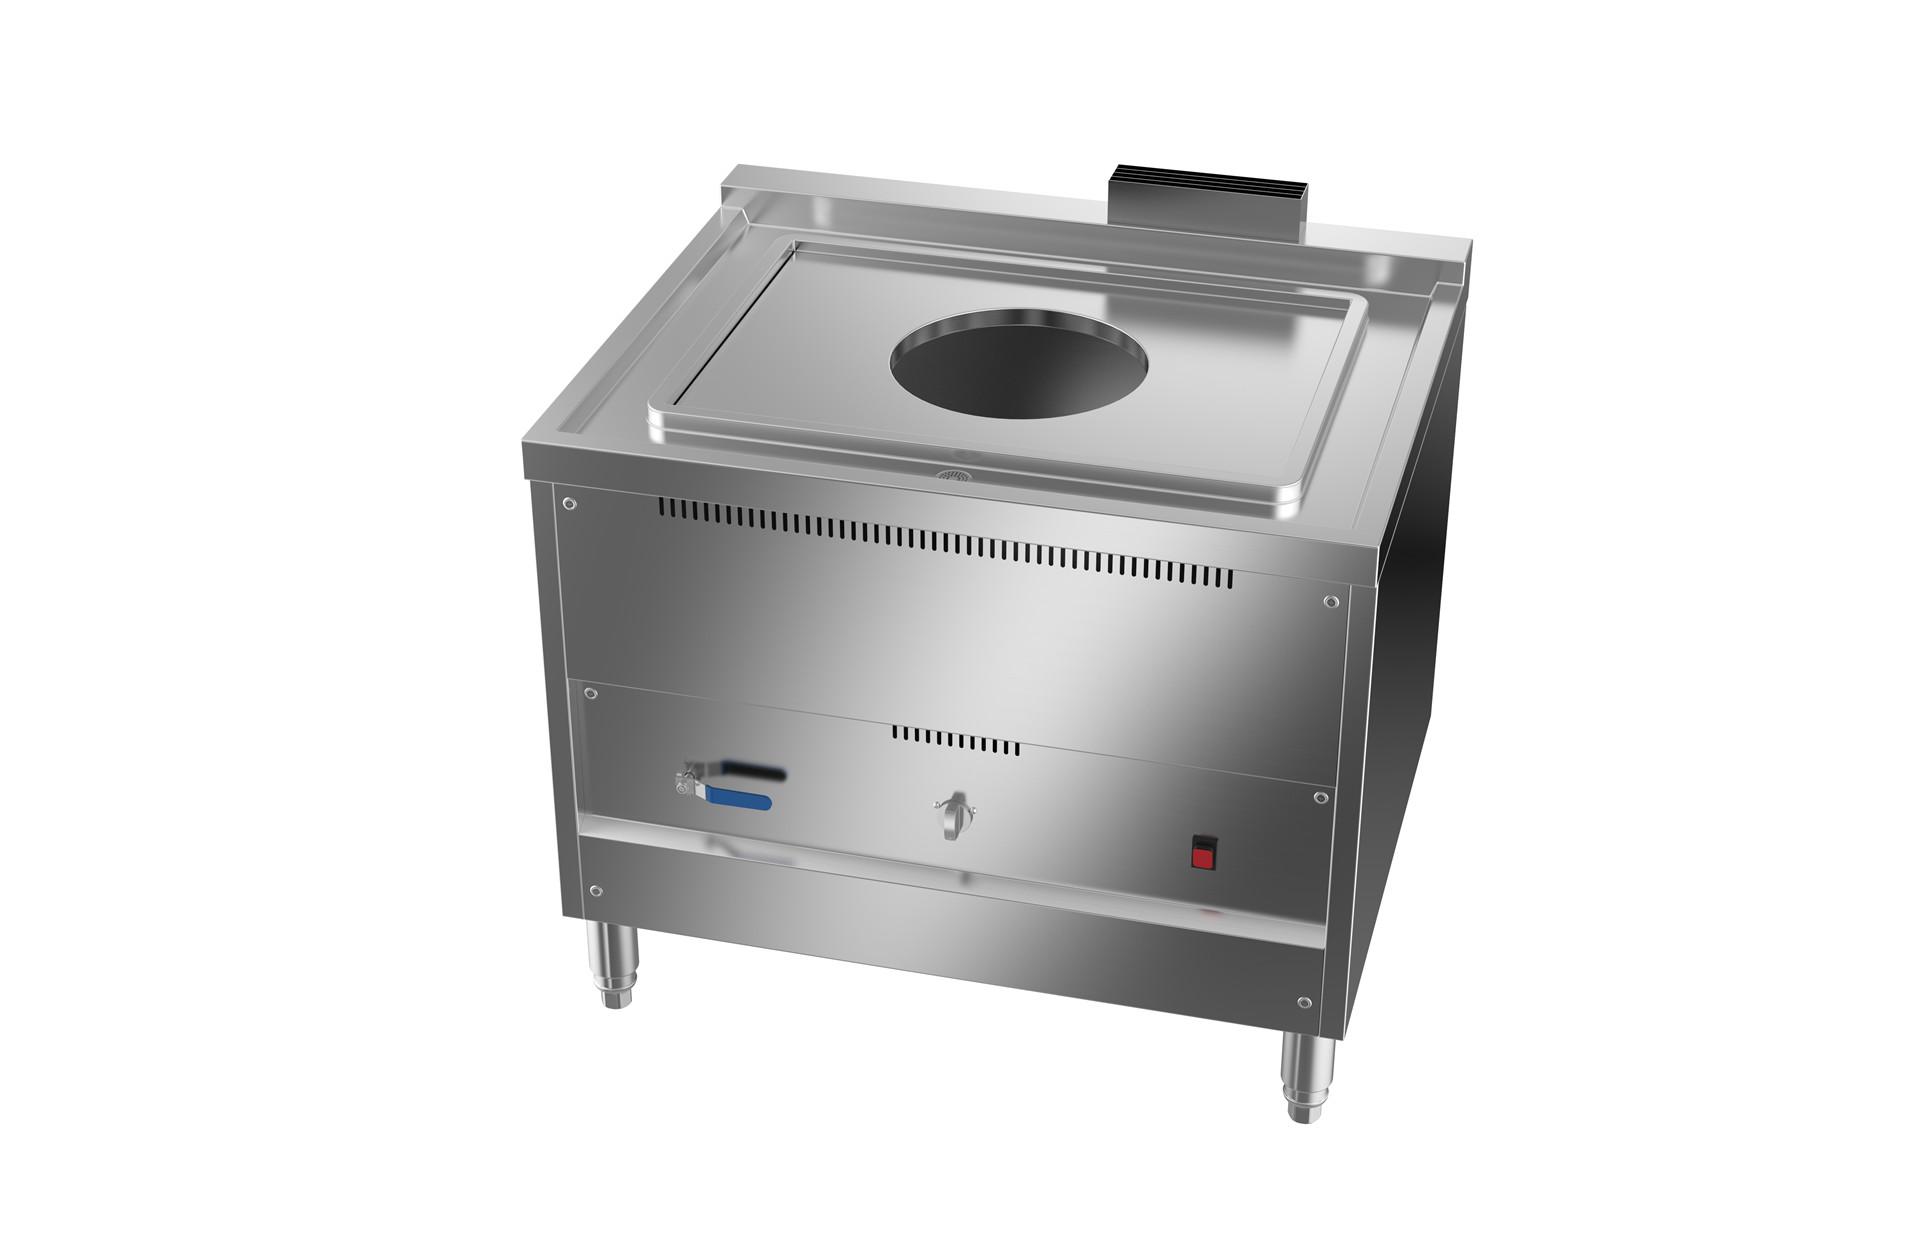 成都不锈钢厨房设备-节能燃气蒸炉(可置放φ450蒸笼隔板)950x760x800+30